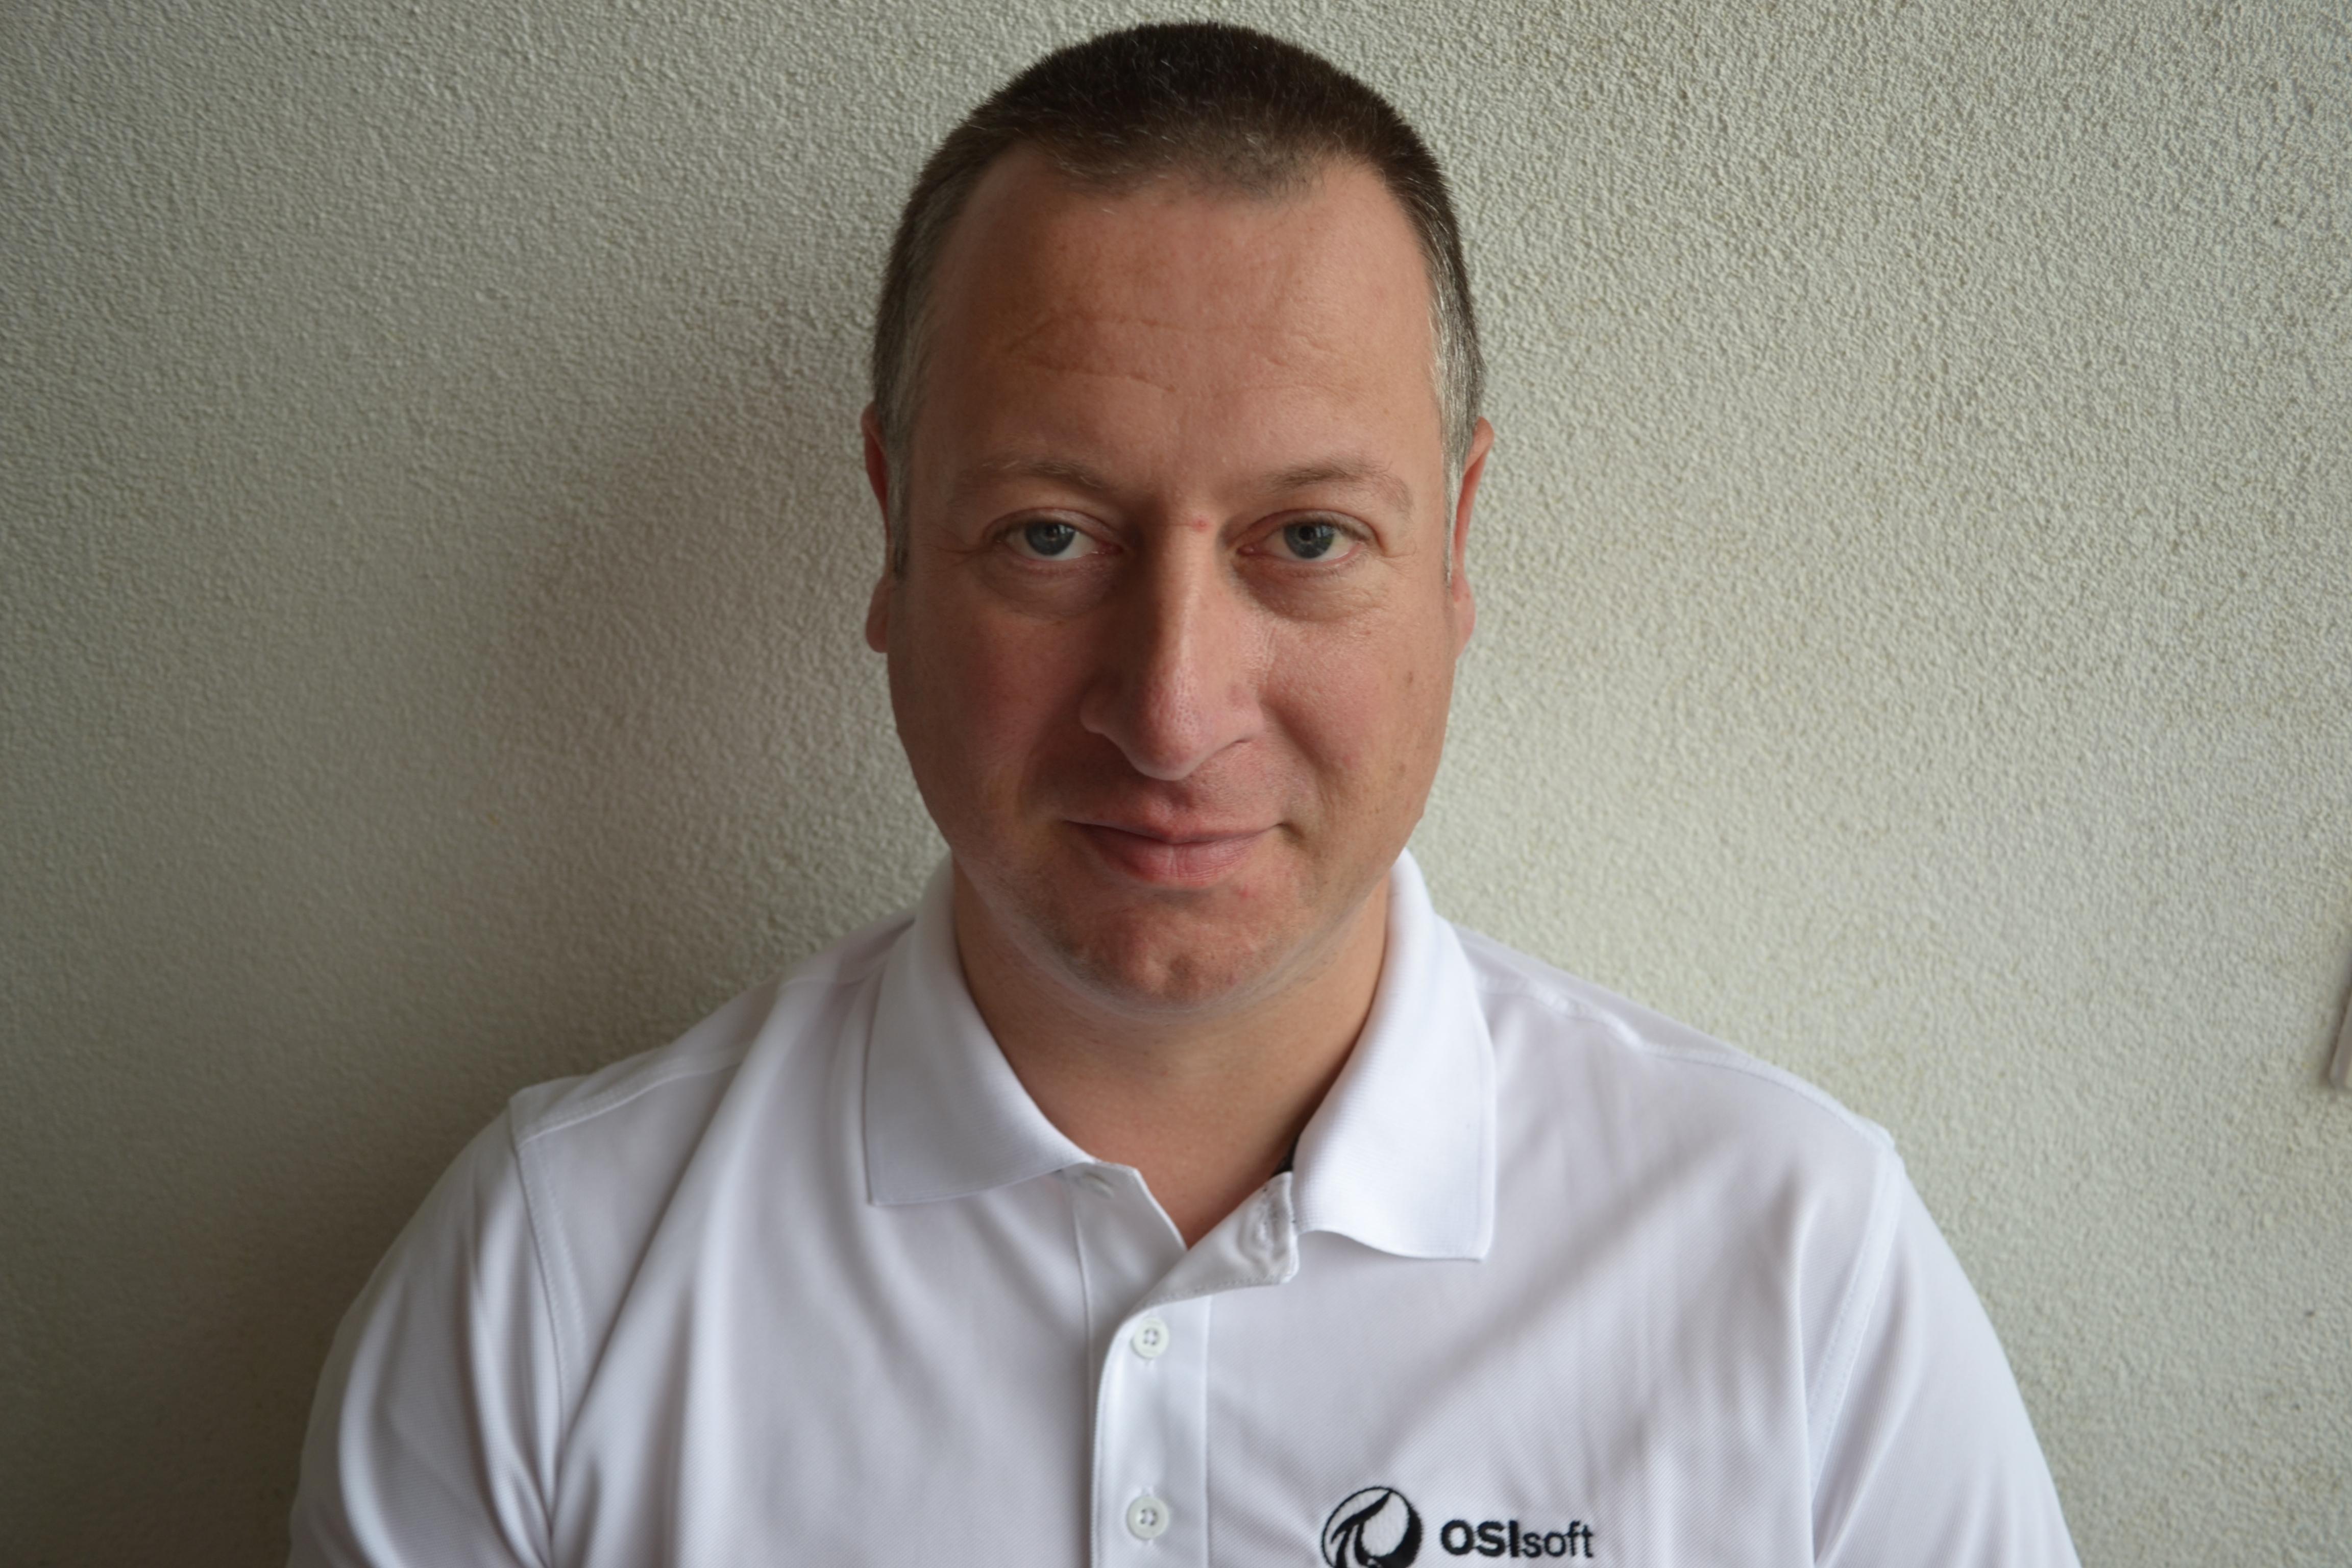 Rene Thomassen